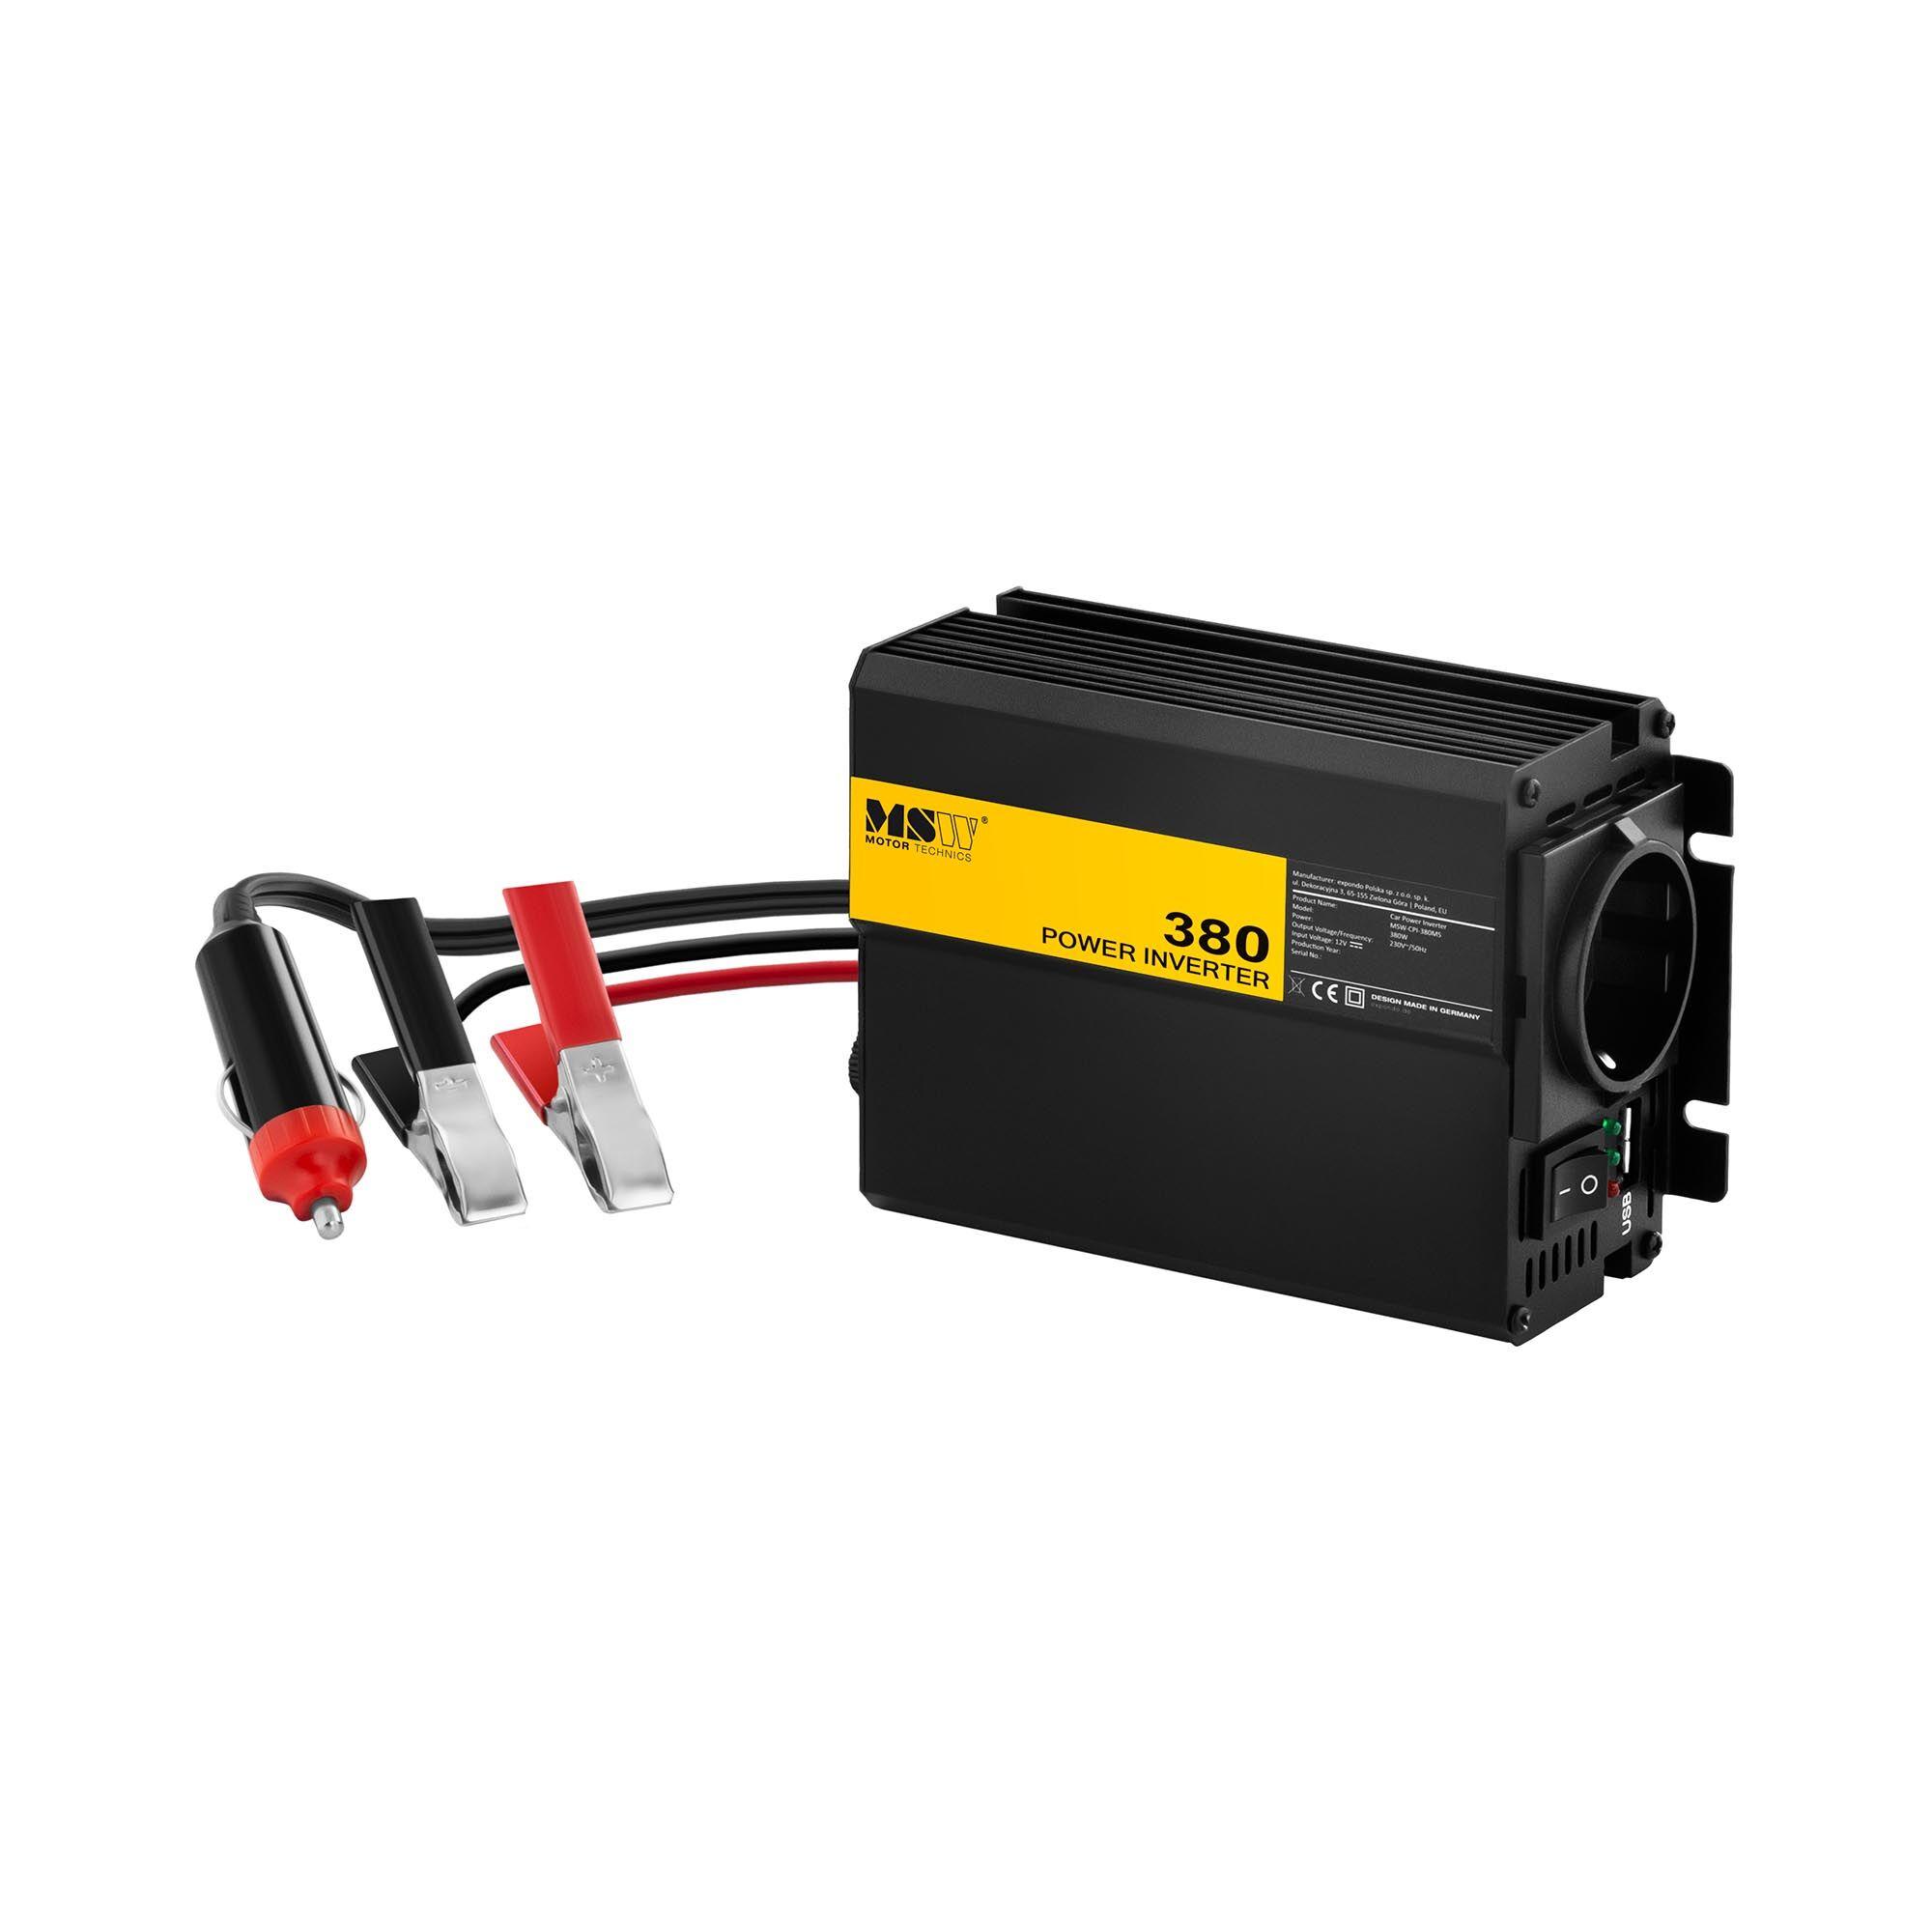 msw inverter per auto - 380 w -cpi380ms